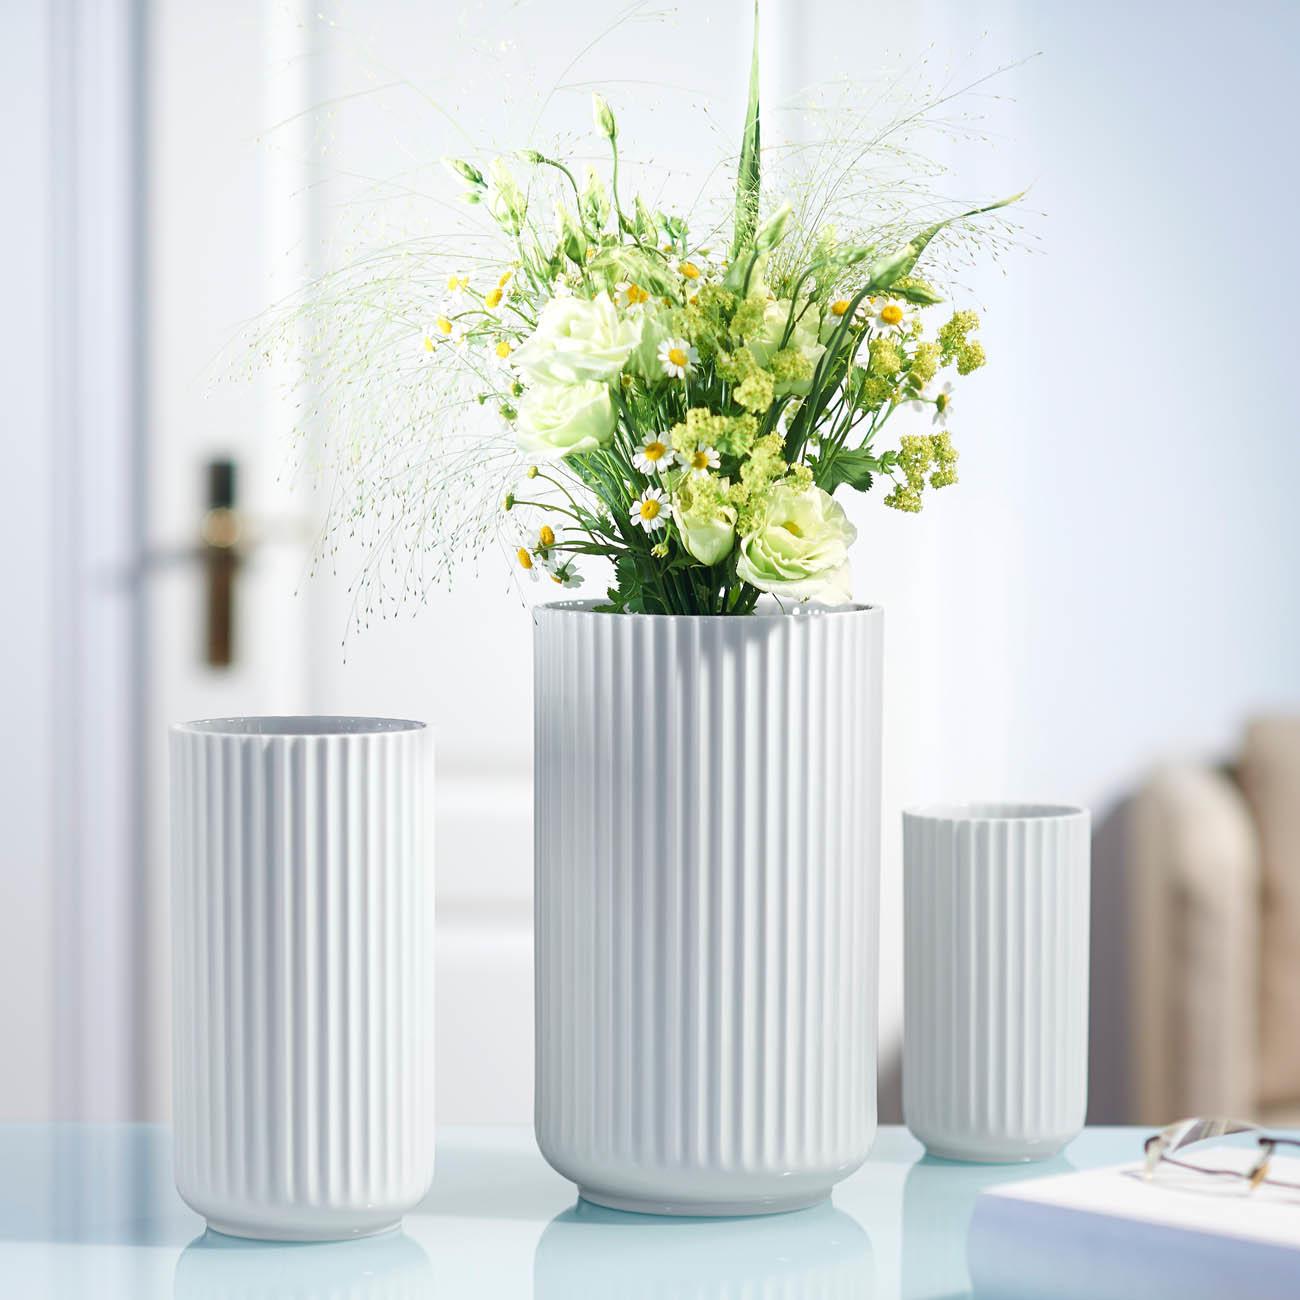 lyngby porzellan vase handgemachtes porzellan 15 cm h 8 cm durchmesser weiss. Black Bedroom Furniture Sets. Home Design Ideas